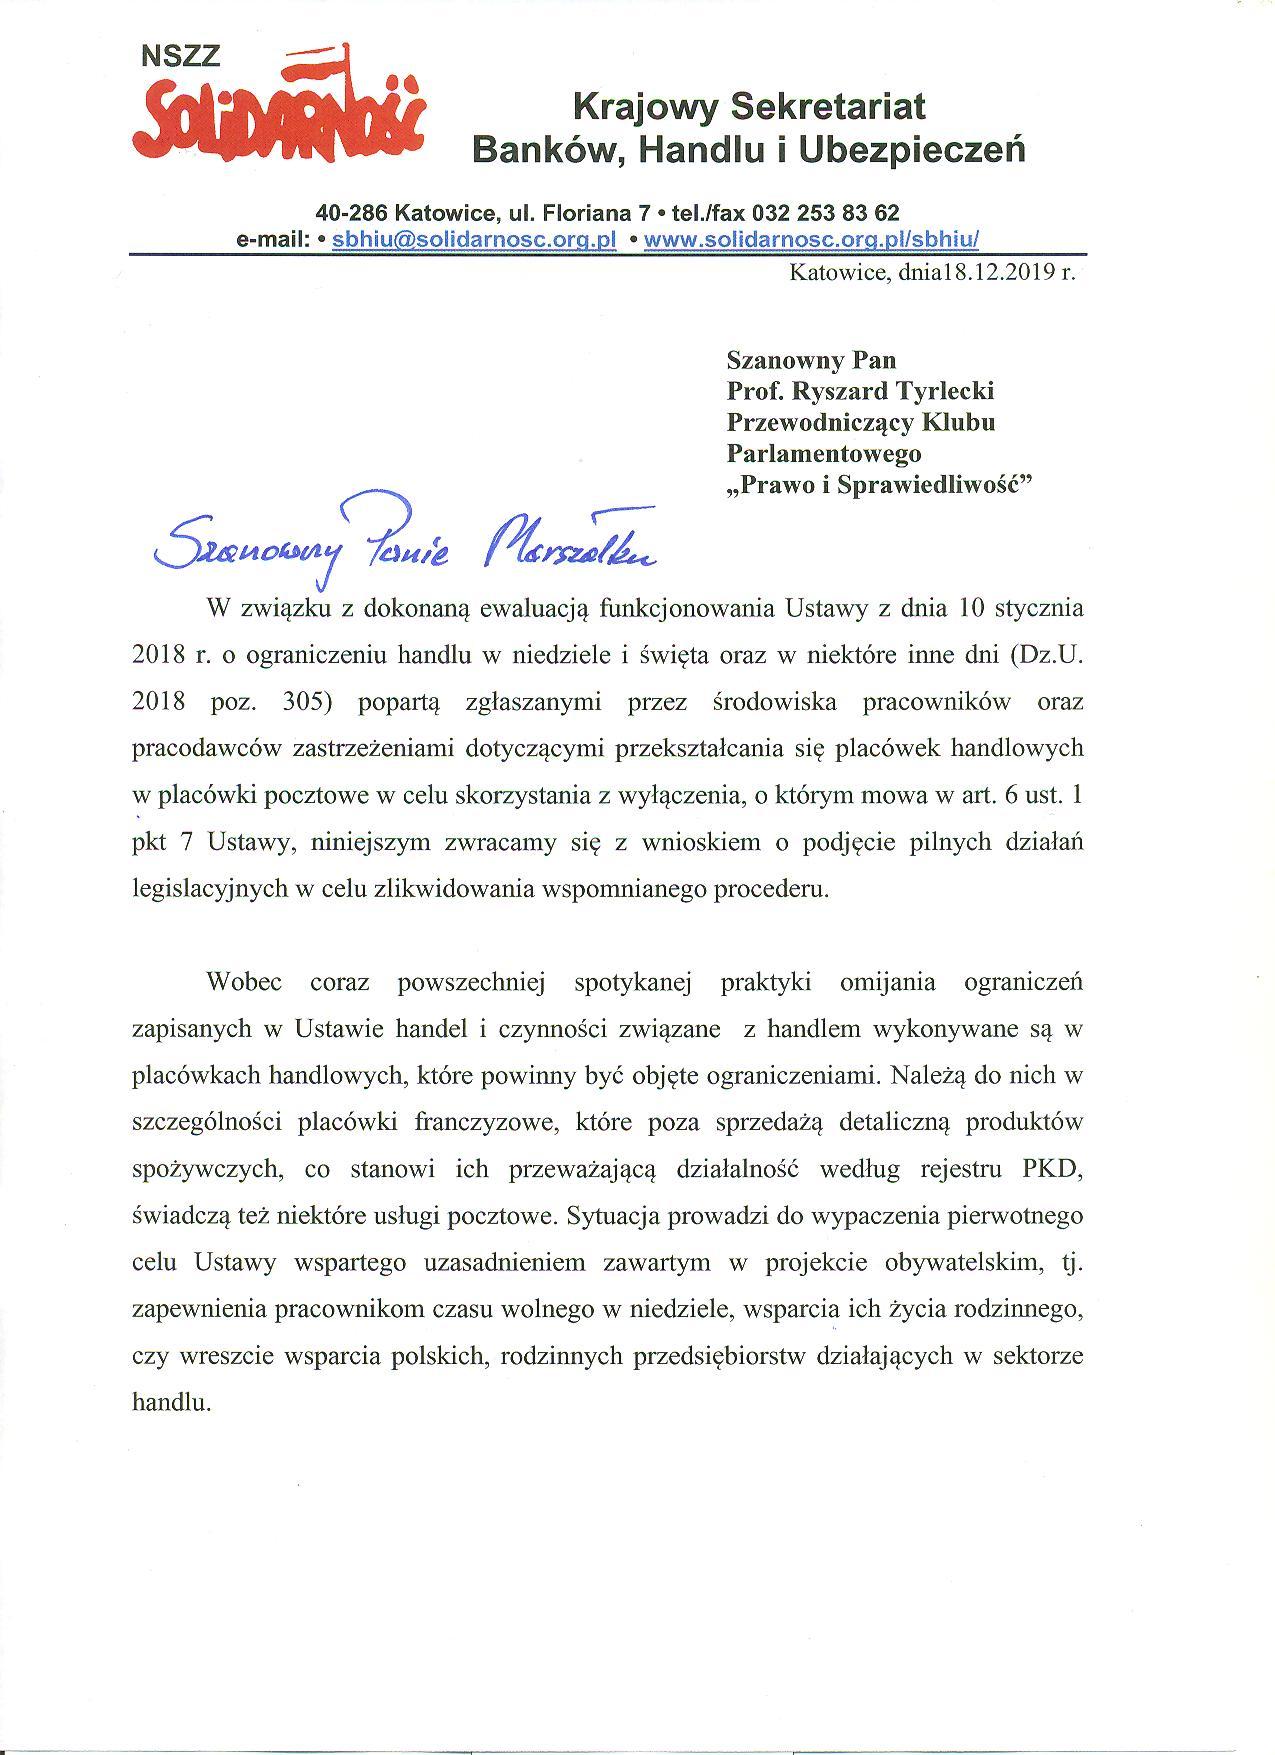 List do Pana Prof. Tyrleckiego 1